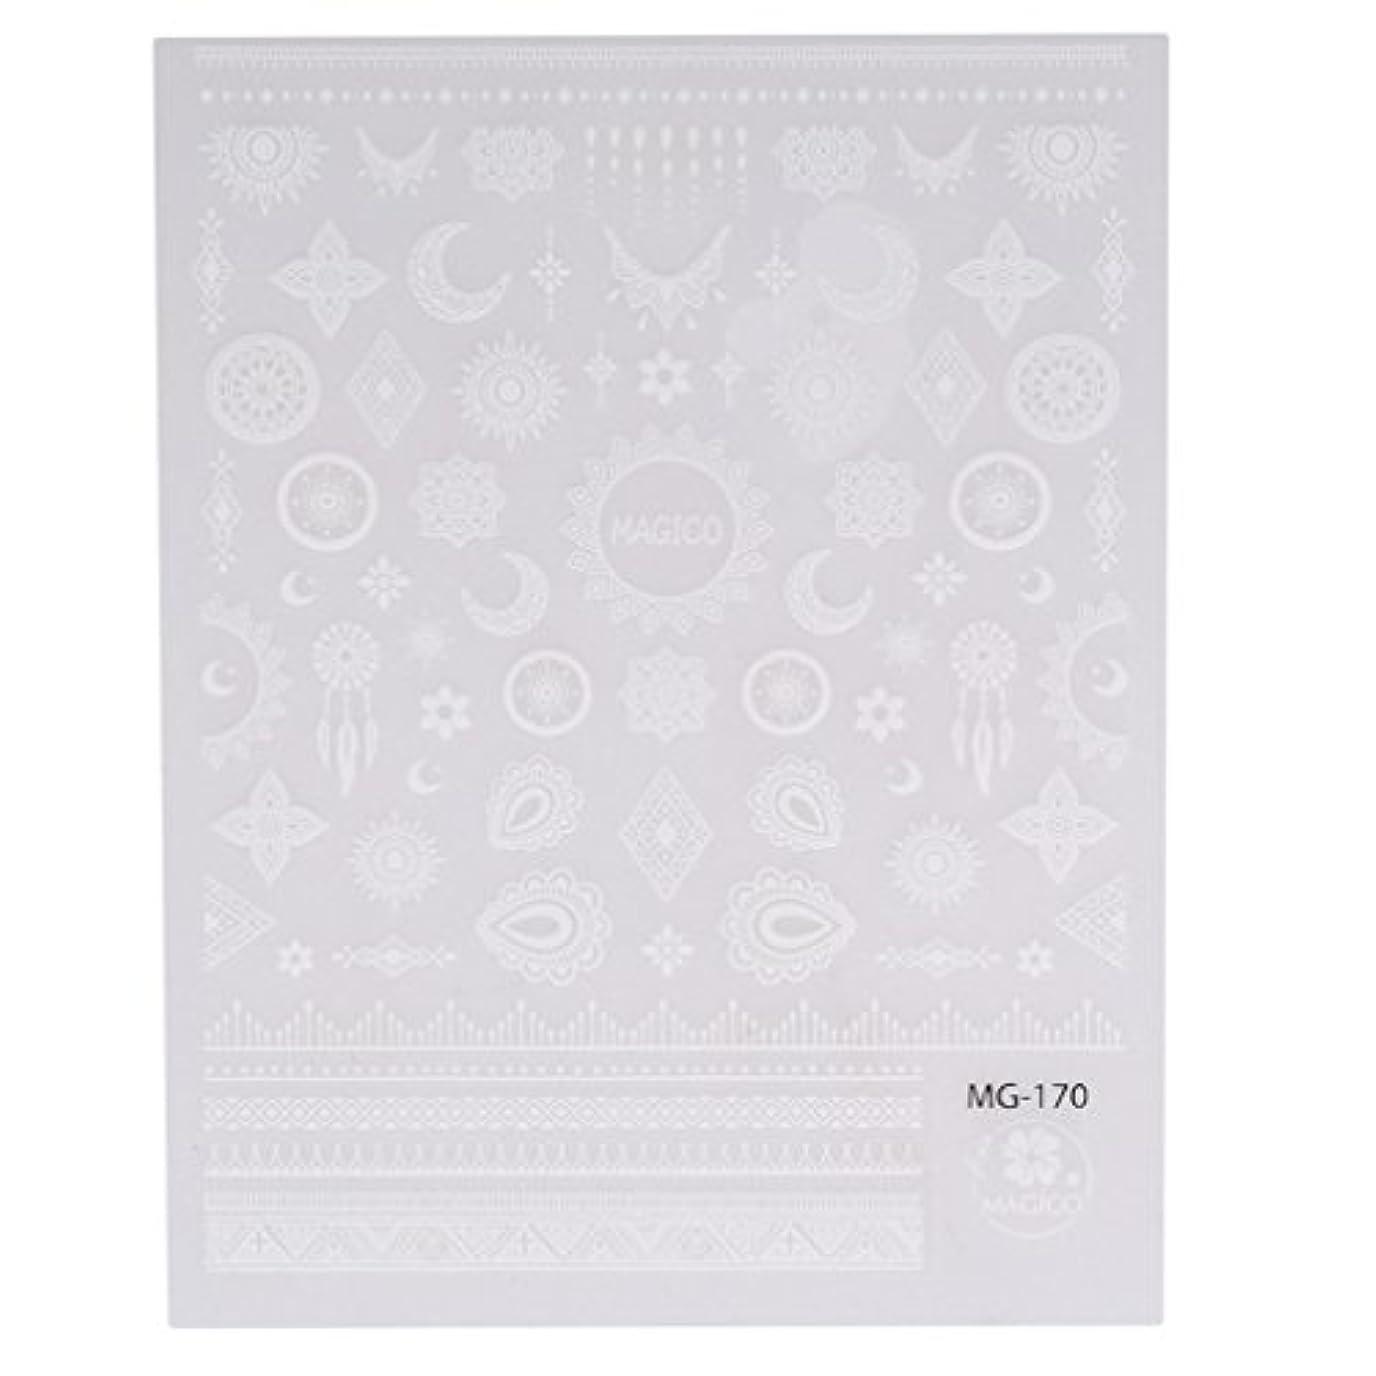 マーチャンダイザー印をつける会話型JIOLK ネイルシール レース ネイルステッカー 星 月 ネイルアート 貼るだけでいい 可愛い ネイル飾り ネイル パーツ アクセサリー